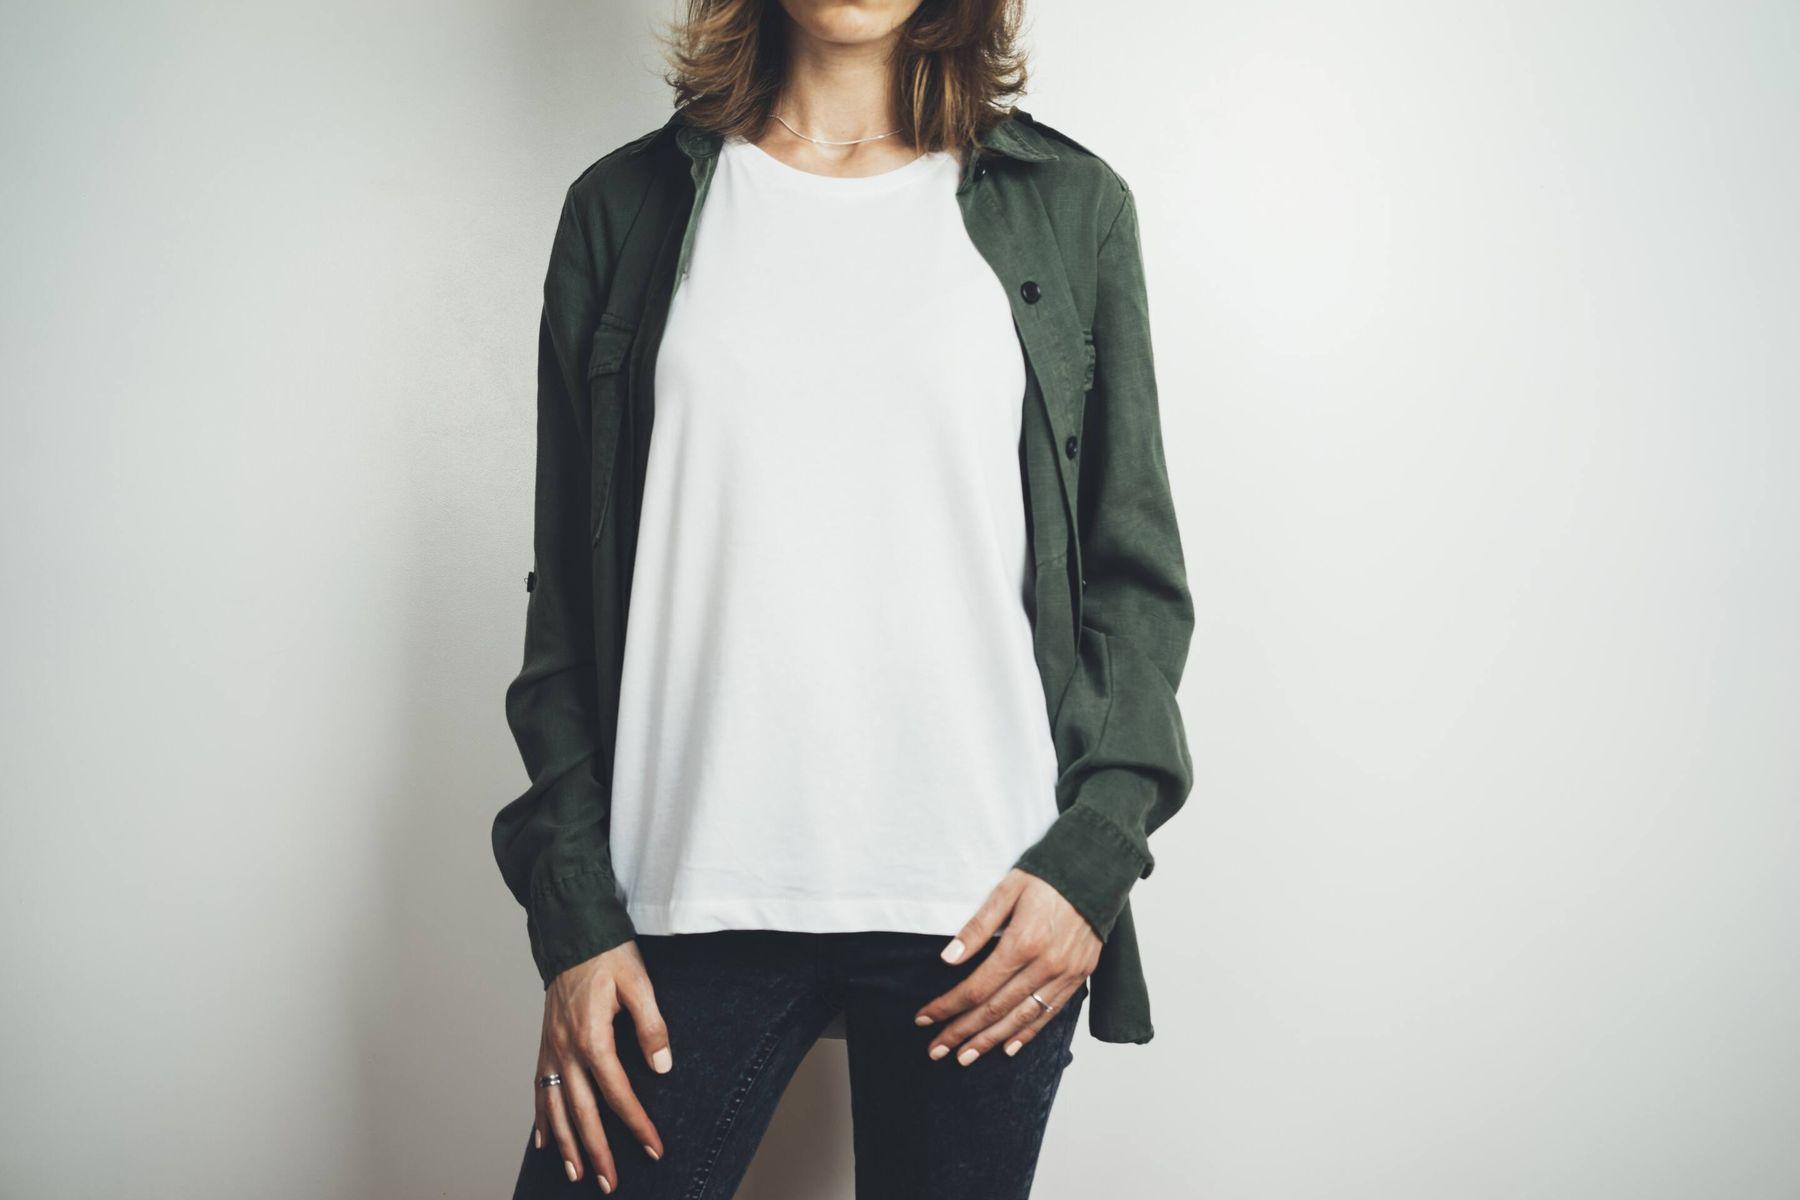 अपने कॉटन शर्ट के रंग को बरक़रार कैसे रखें | क्लीएनीपीडिया